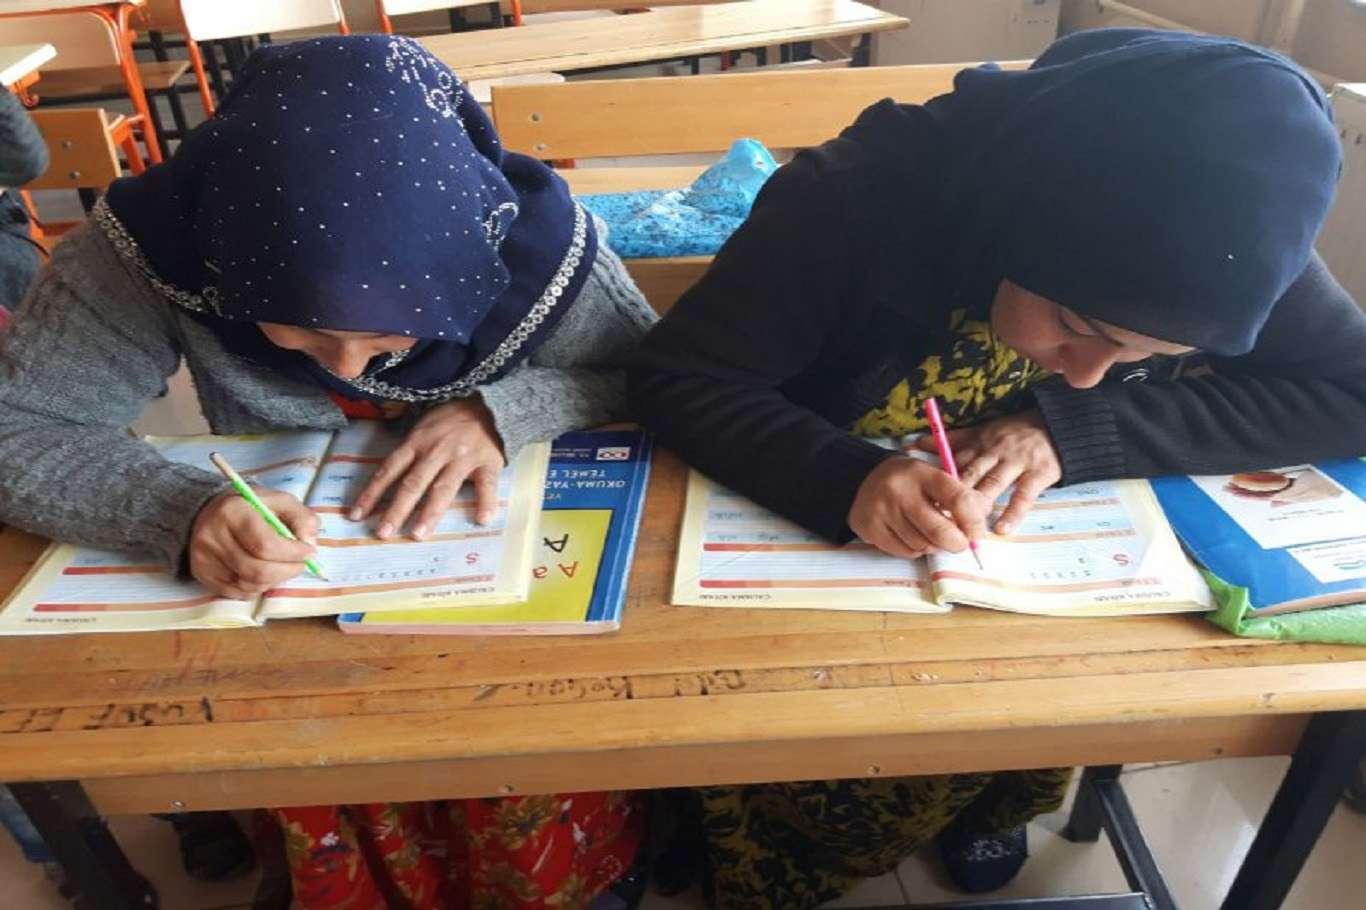 """""""Okuma Yazma Bilmeyen Kalmasın"""" sloganıyla kurslar açılıyor"""